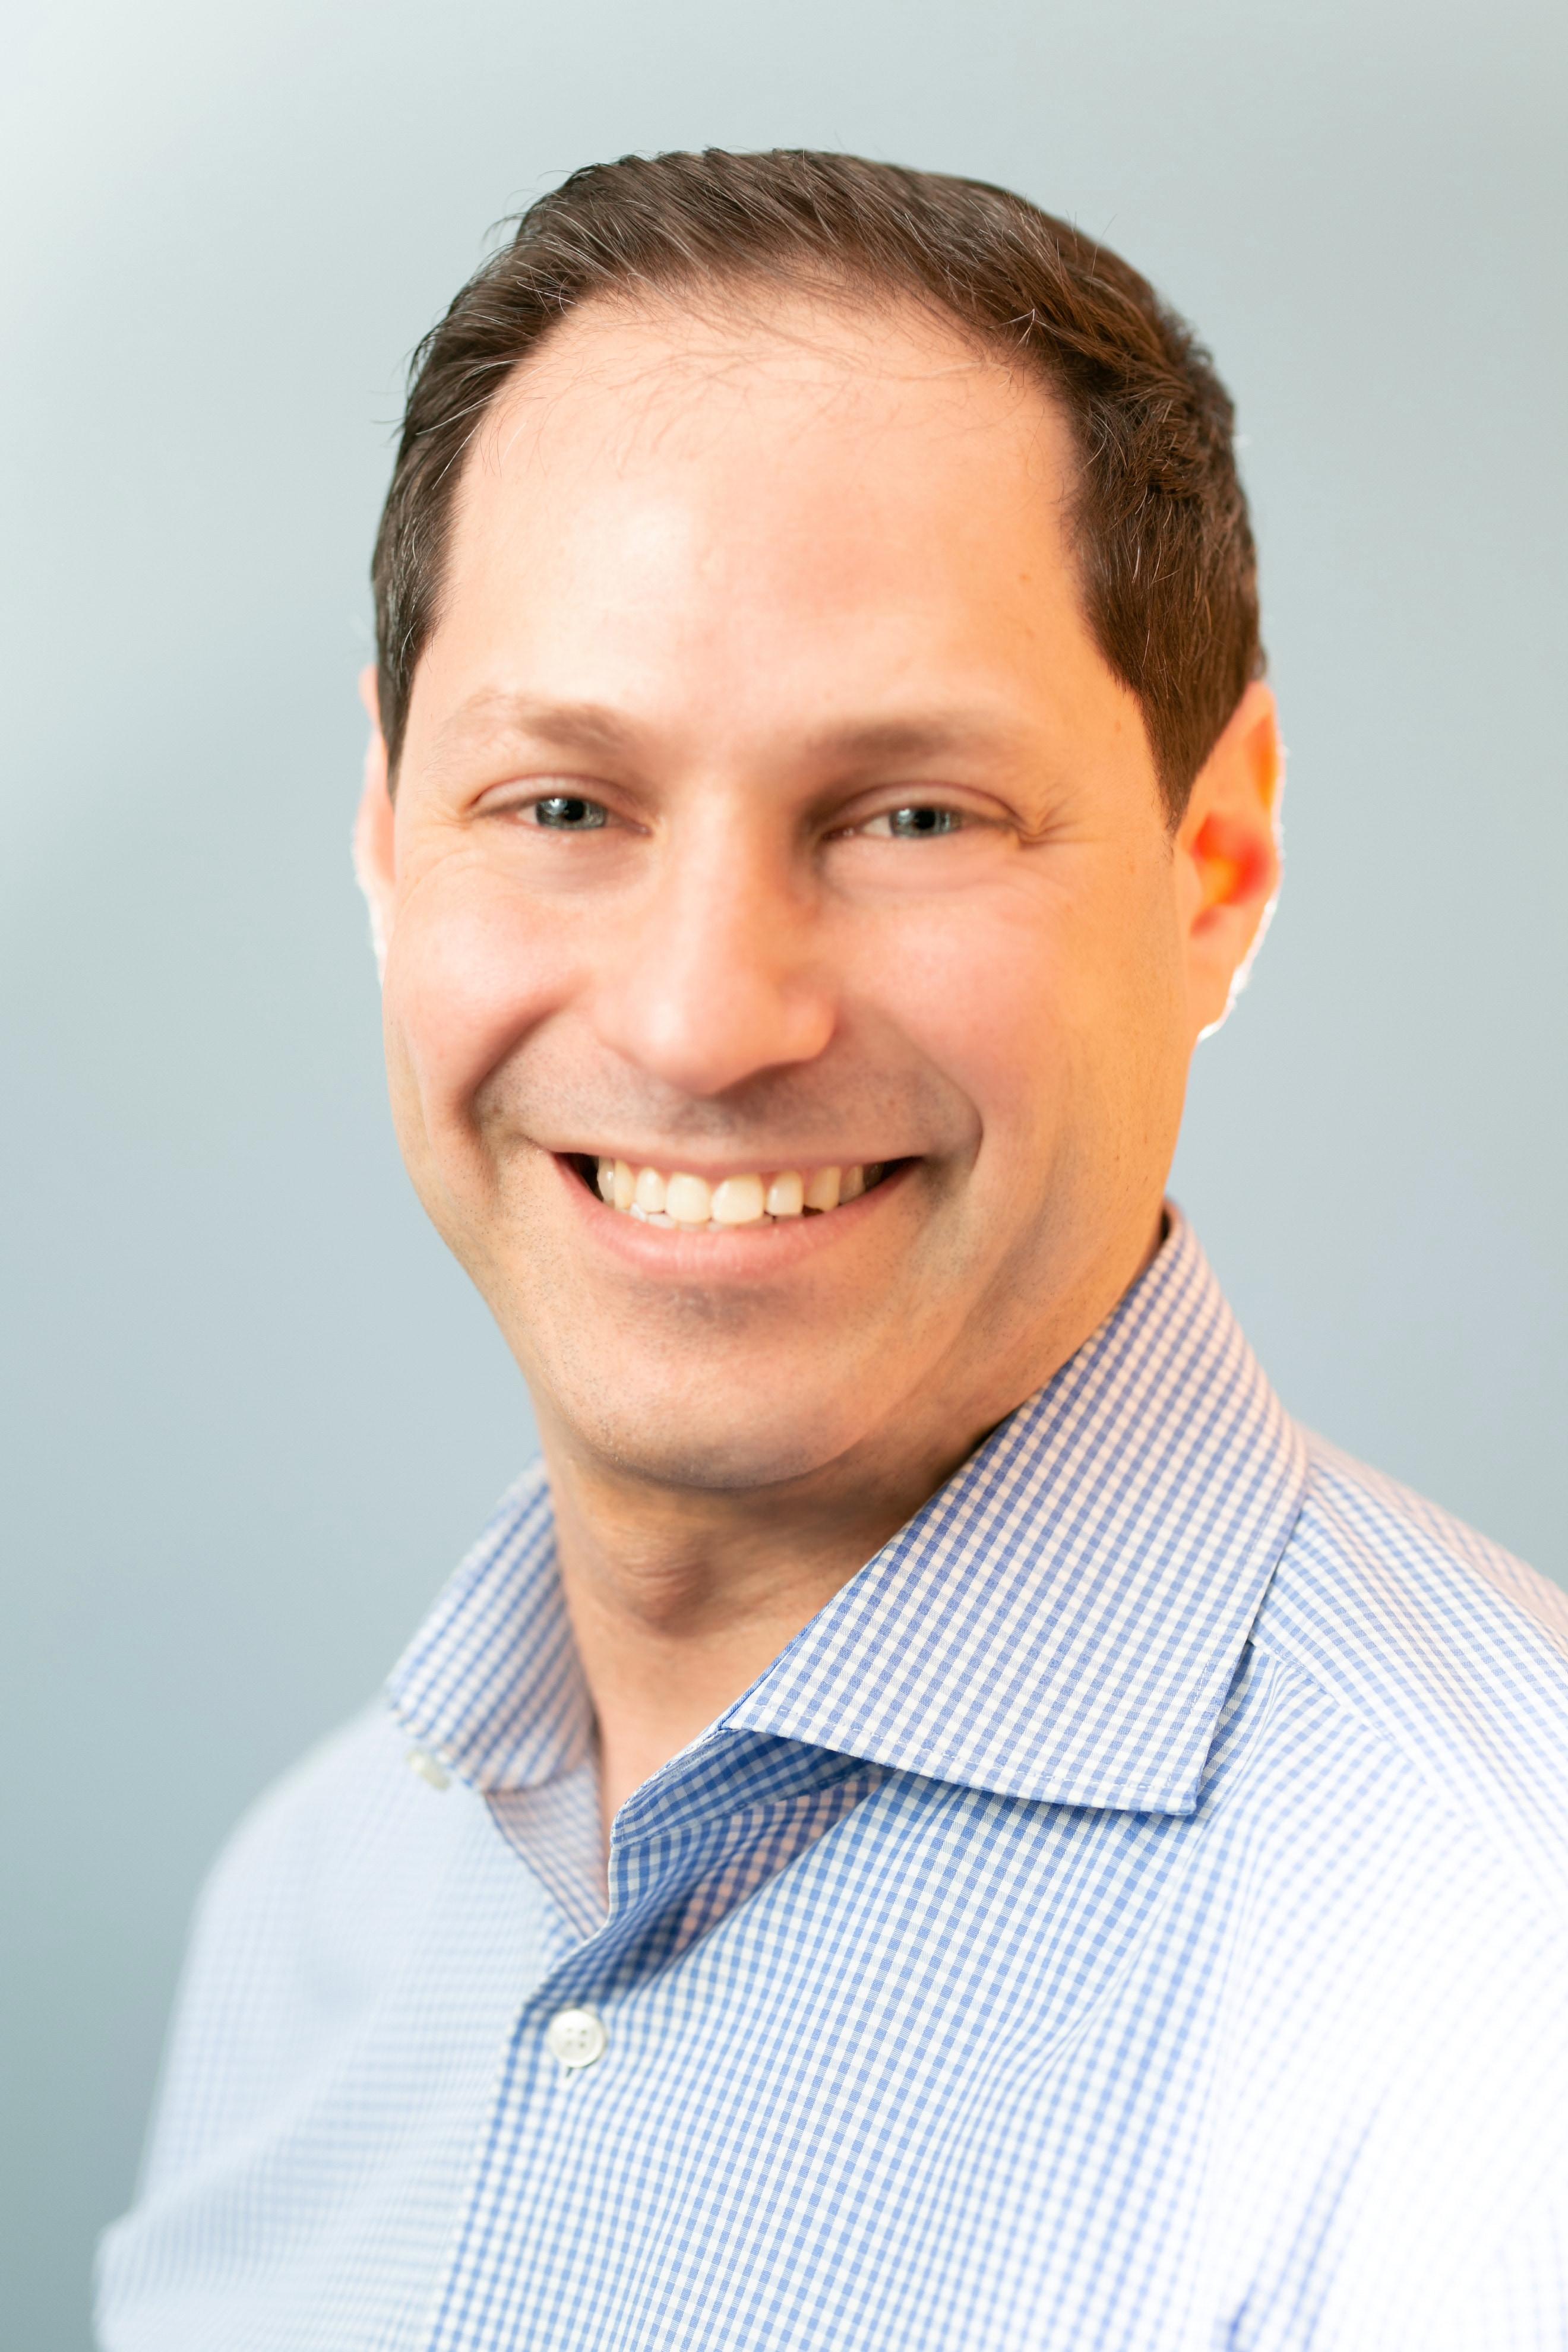 Craig Springer, PhD, Psychologist in Cranford, NJ